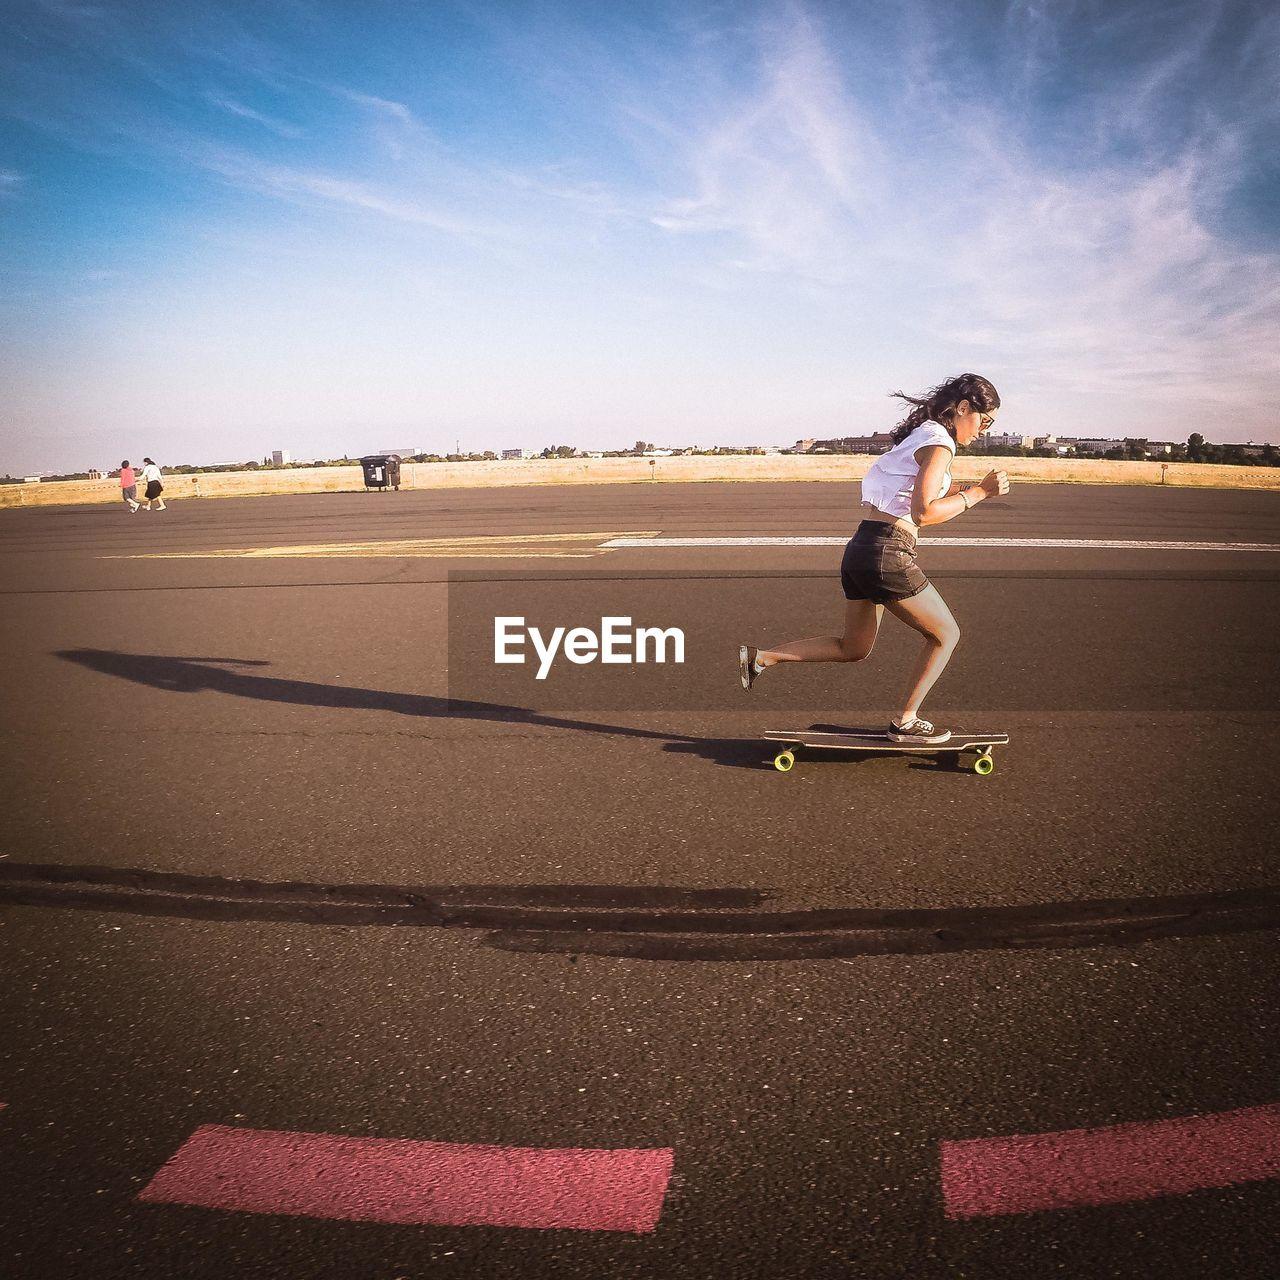 Woman Skateboarding On Road In City